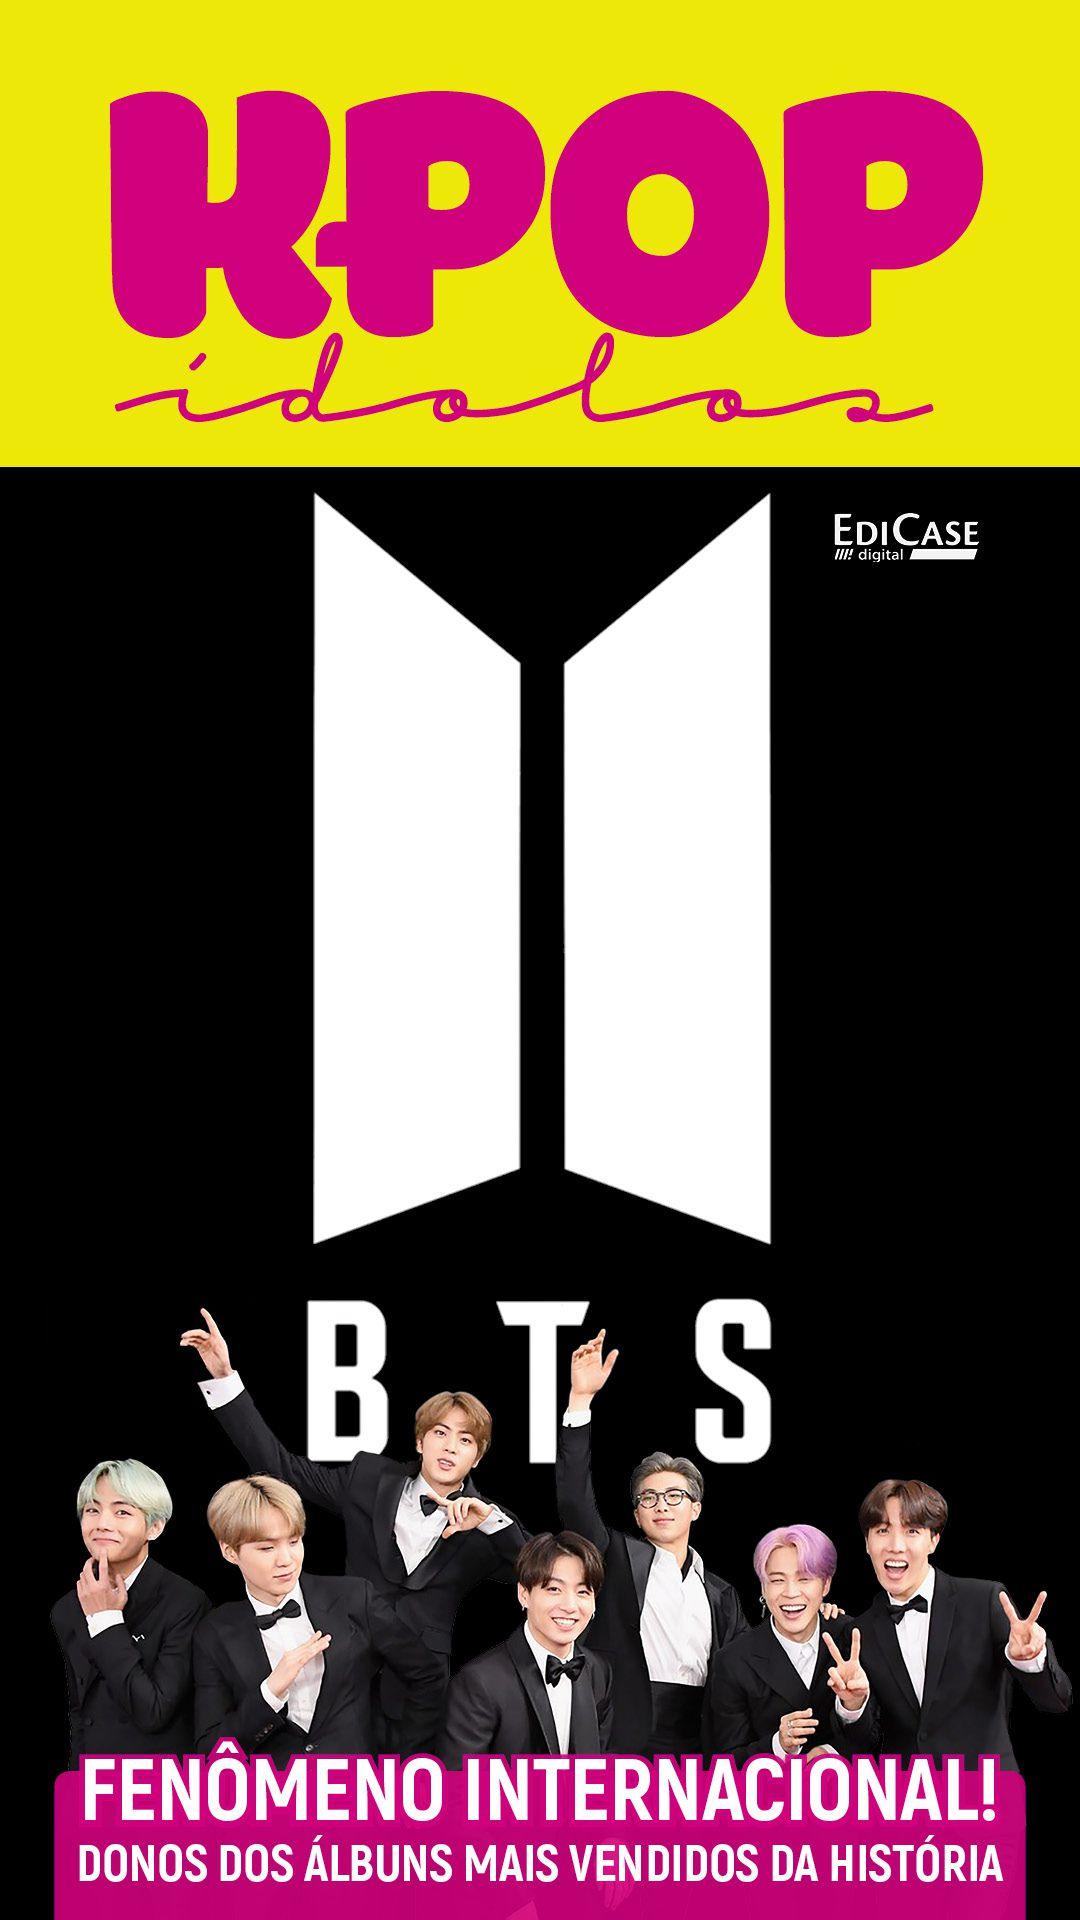 Revista Pôster - Artista de Sucesso Ed. 01 - K-POP ÍDOLOS - BTS - PRODUTO DIGITAL (PDF)  - EdiCase Publicações